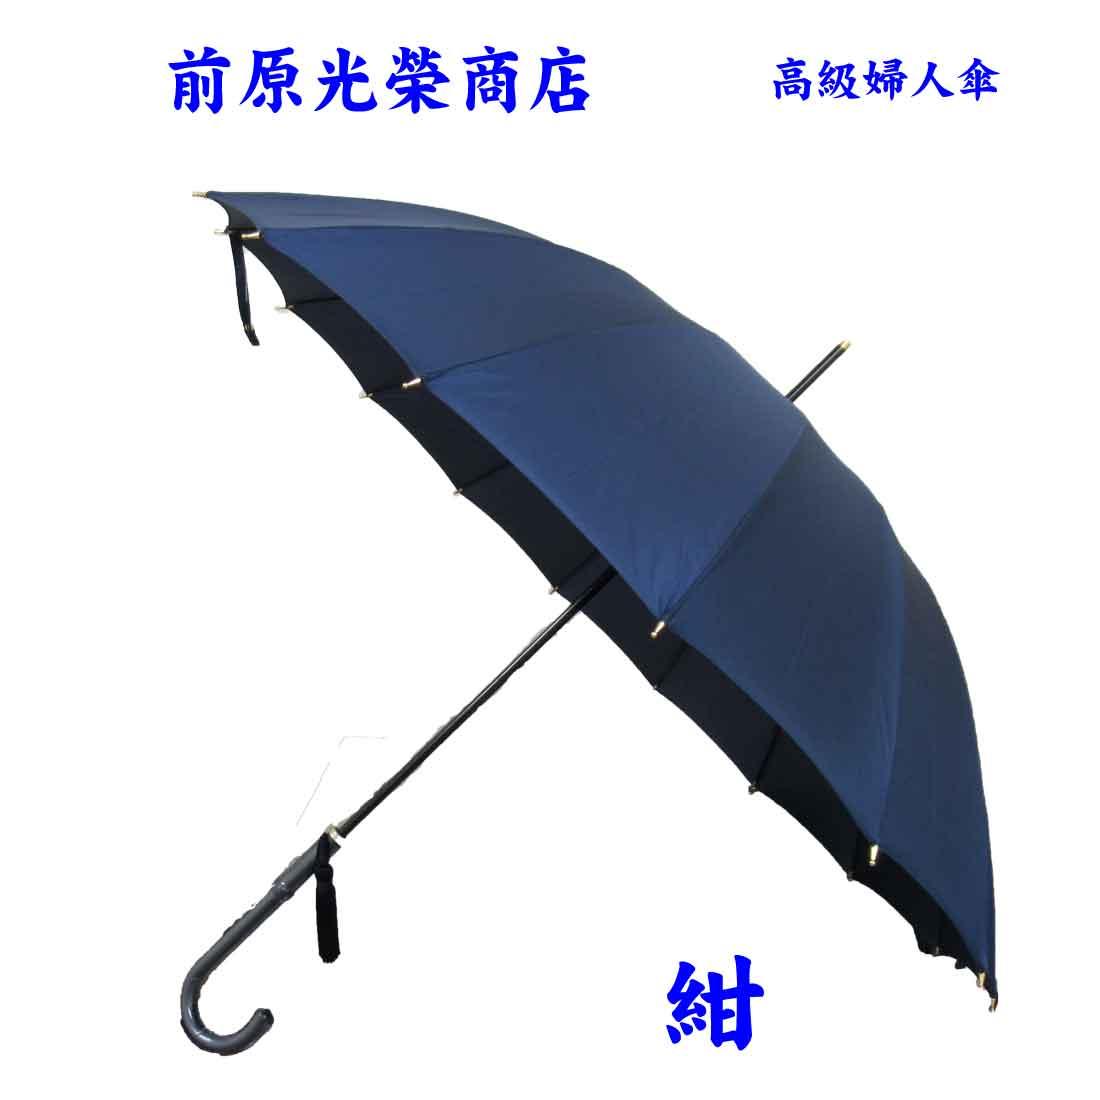 skill rainy day woman